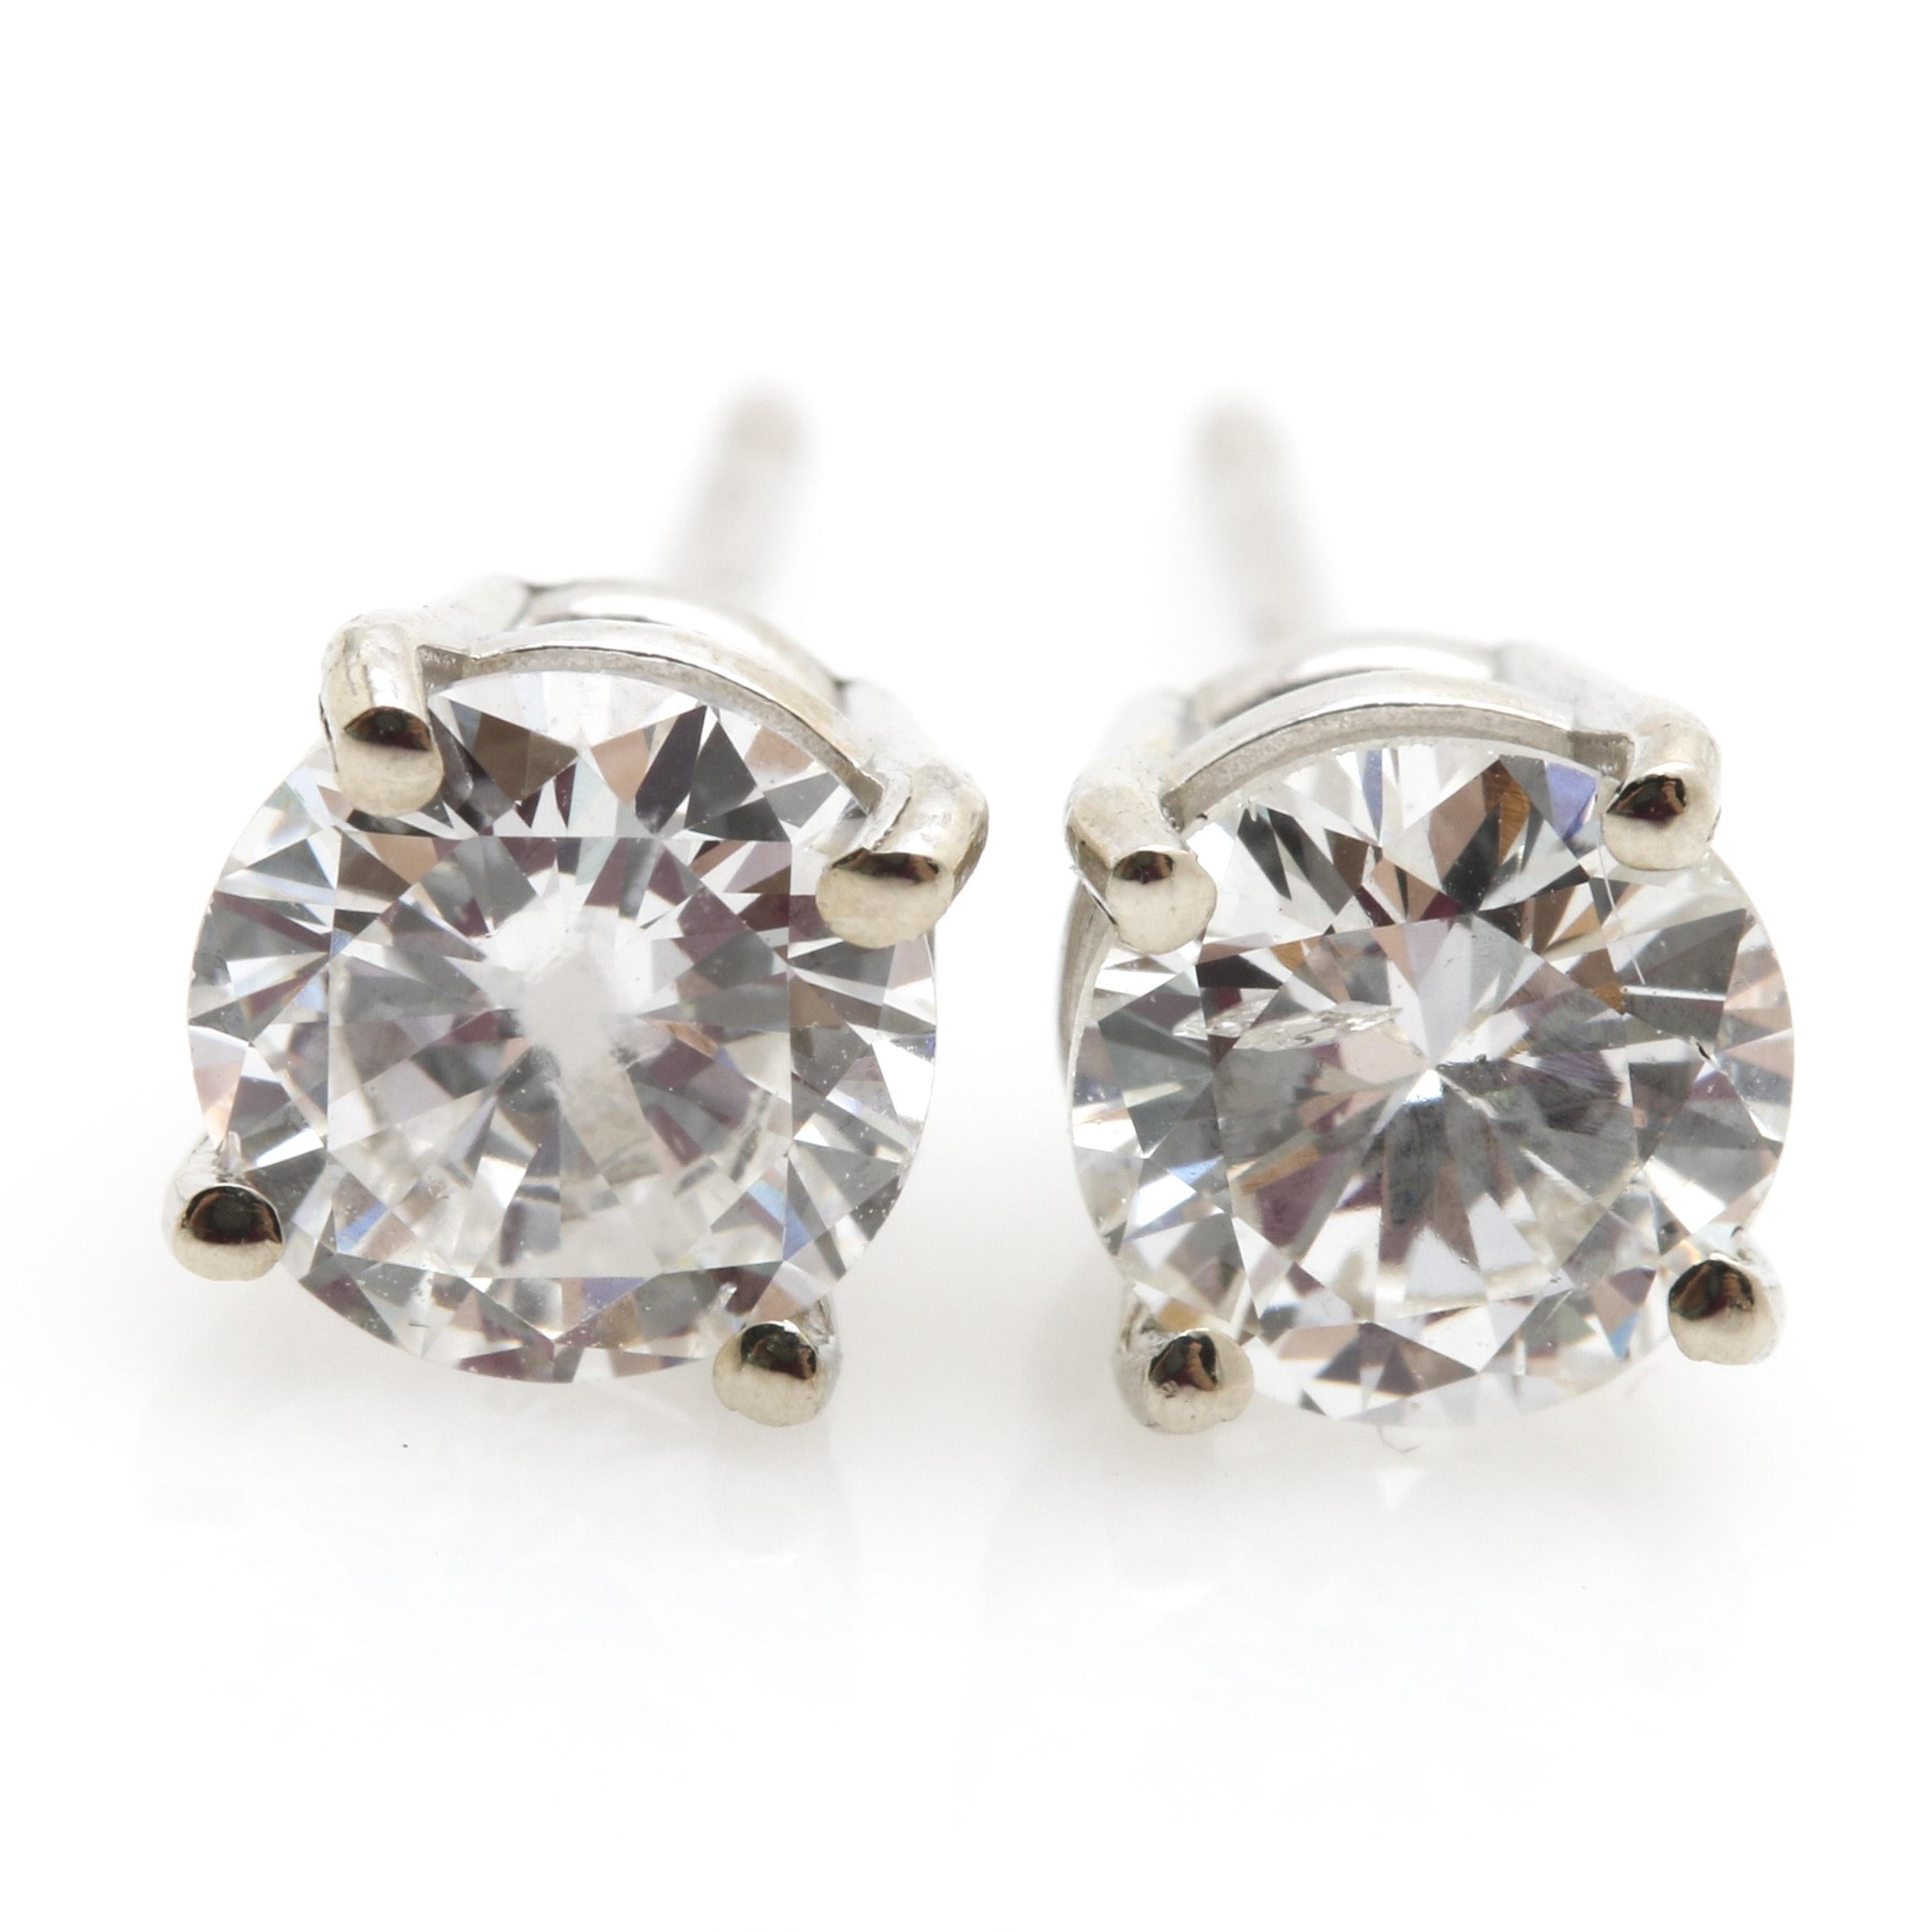 14K White Gold 0.78 CTW Diamond Stud Earrings